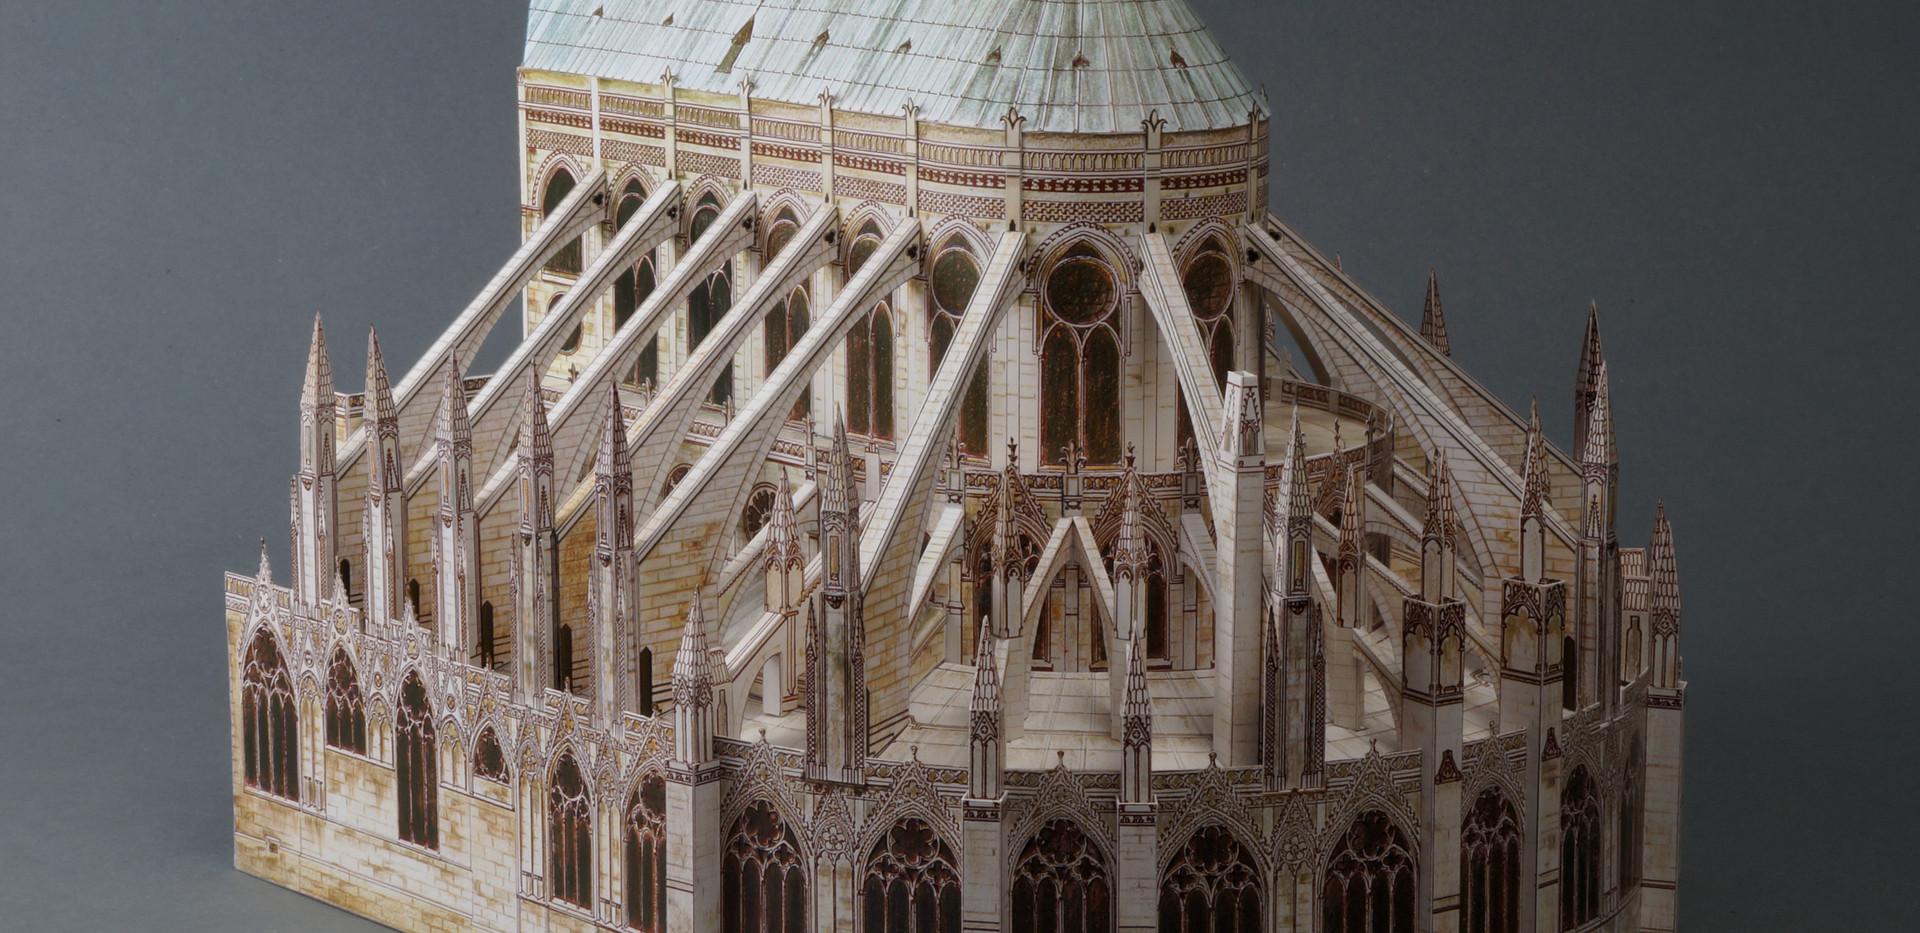 Gotowy chór z obejściem i wieńcem kaplic, nad którymi wznosi się system  przyporowy złożony z łuków i przypór obciążonych fialami.